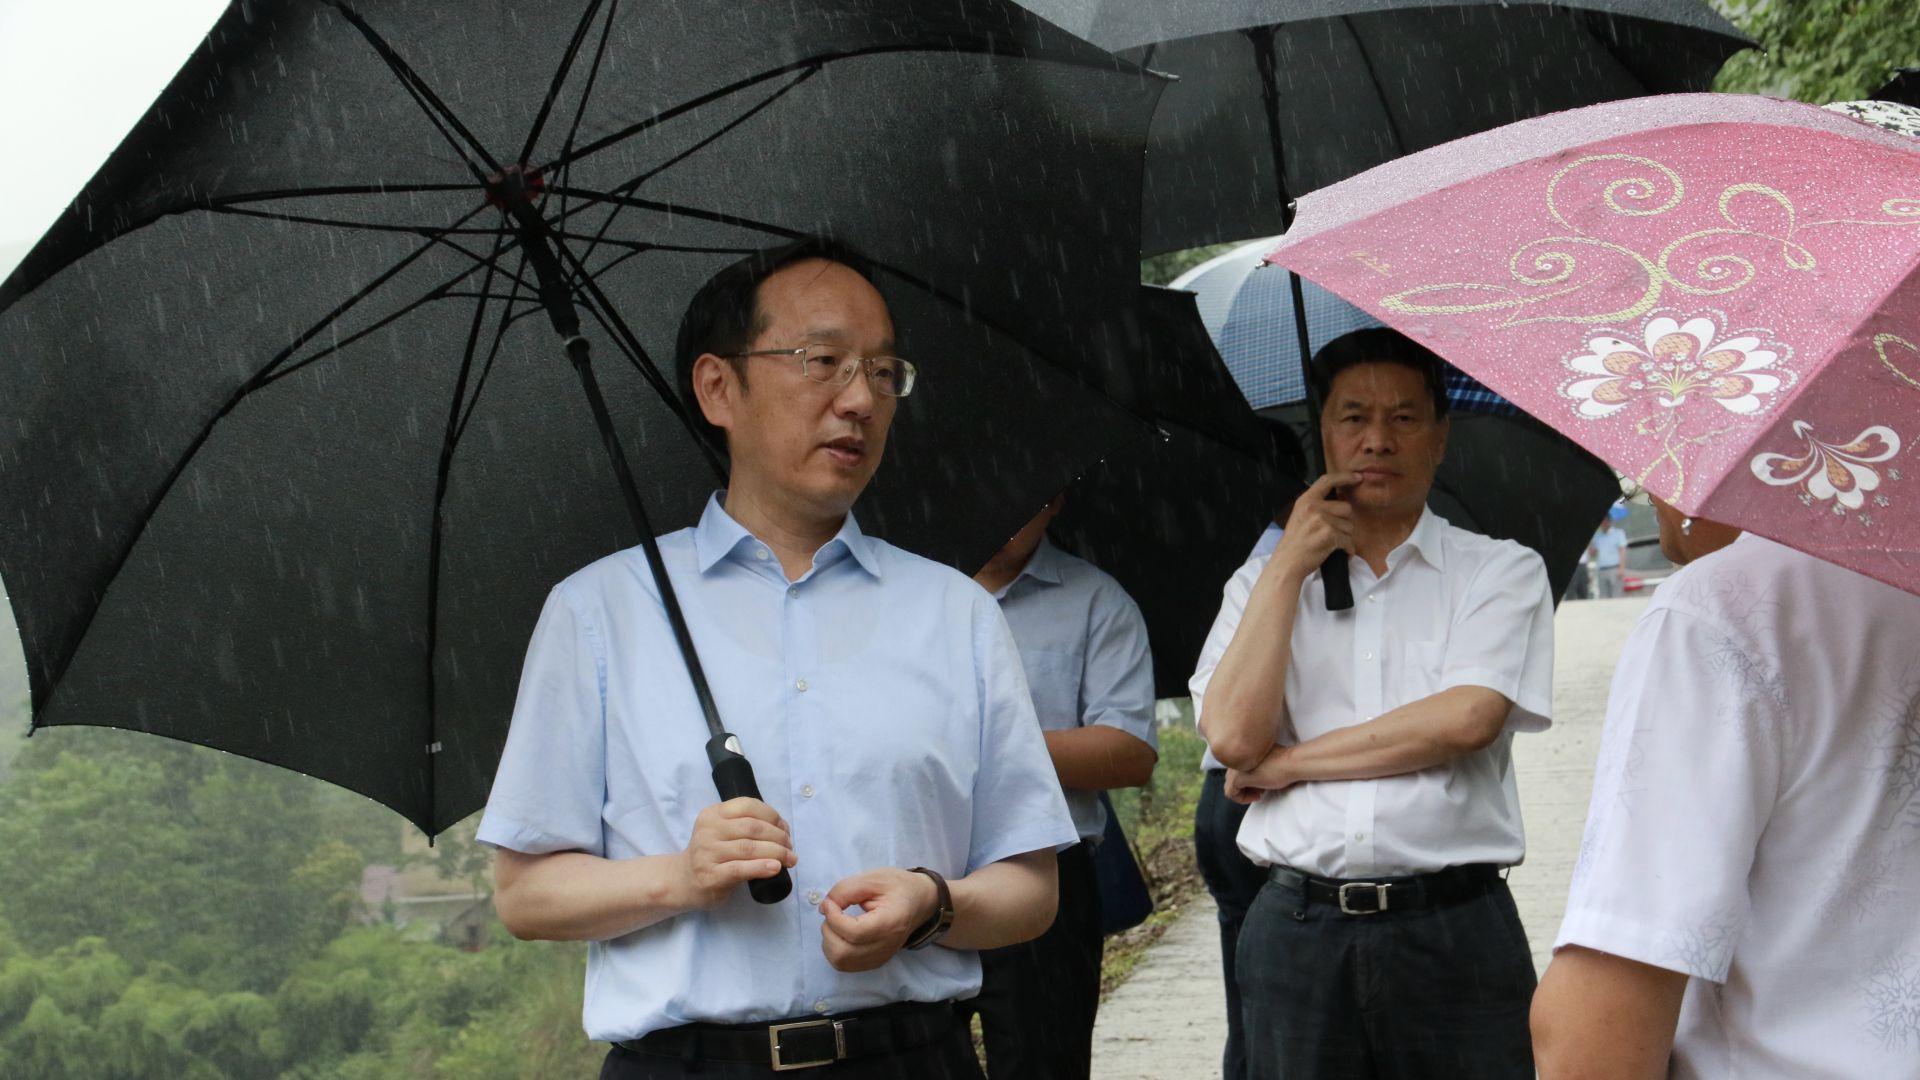 李樂成:積極發揮黨建引領作用 打好打贏脫貧攻堅戰